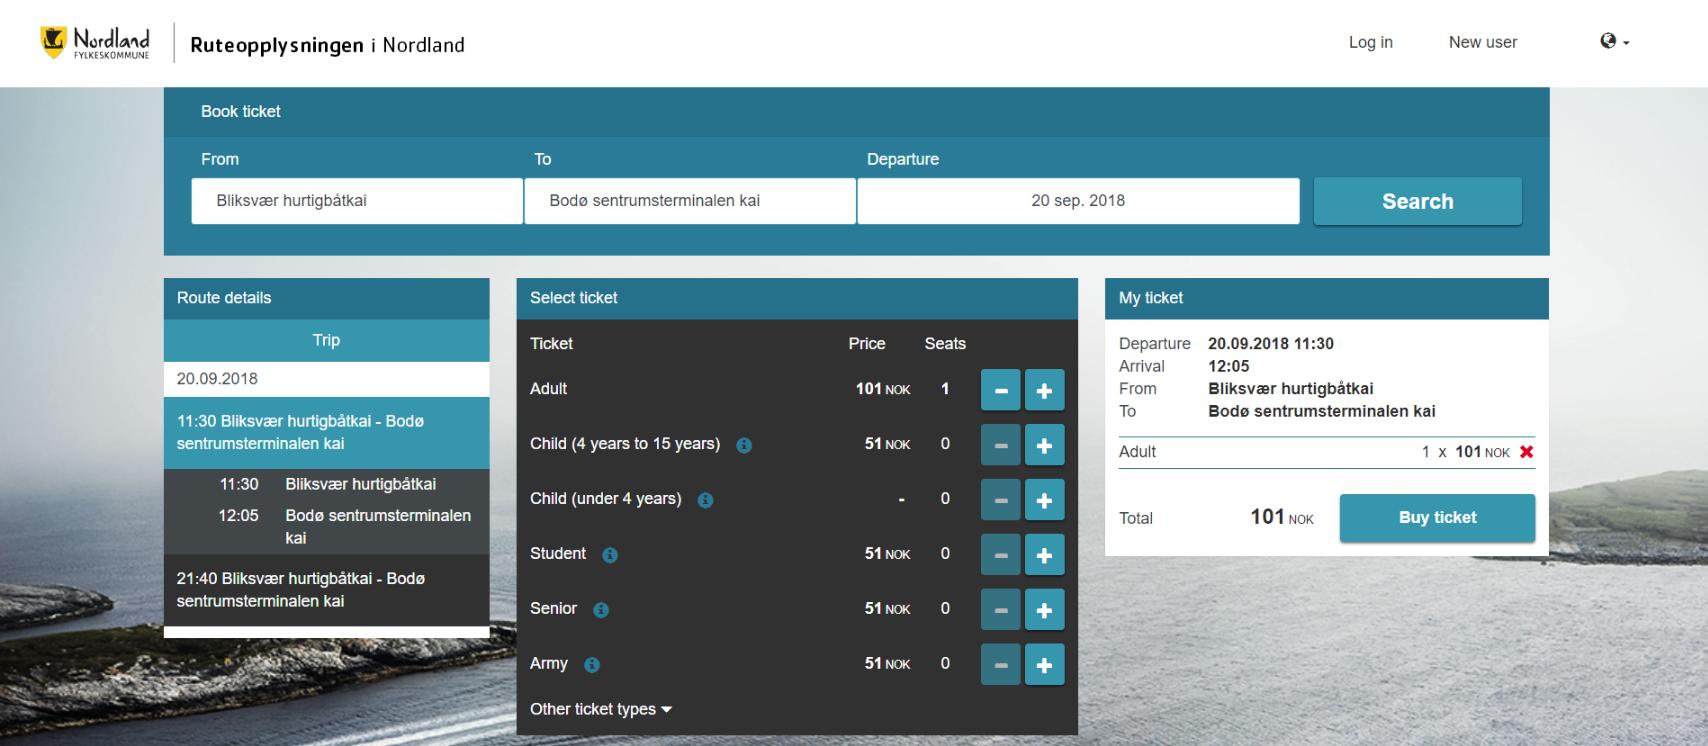 Release of new webshop for Nordland Fylkeskommune